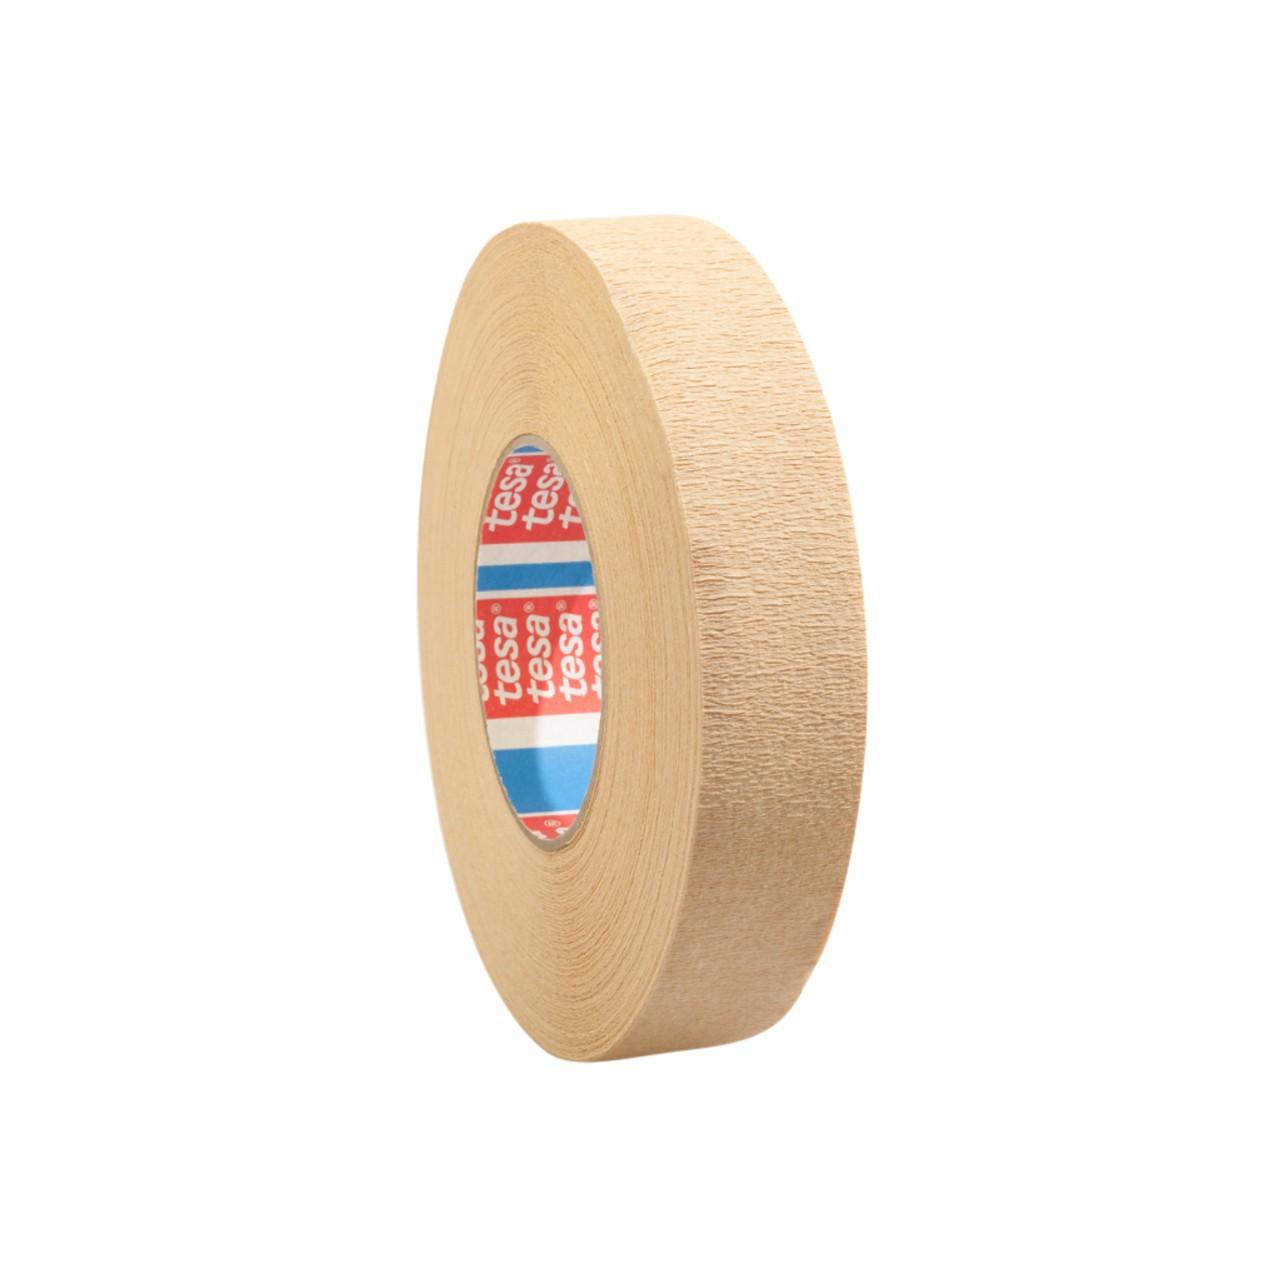 tesa 4319, hochgekrepptes Papierklebeband für Malerarbeiten, hellbraun